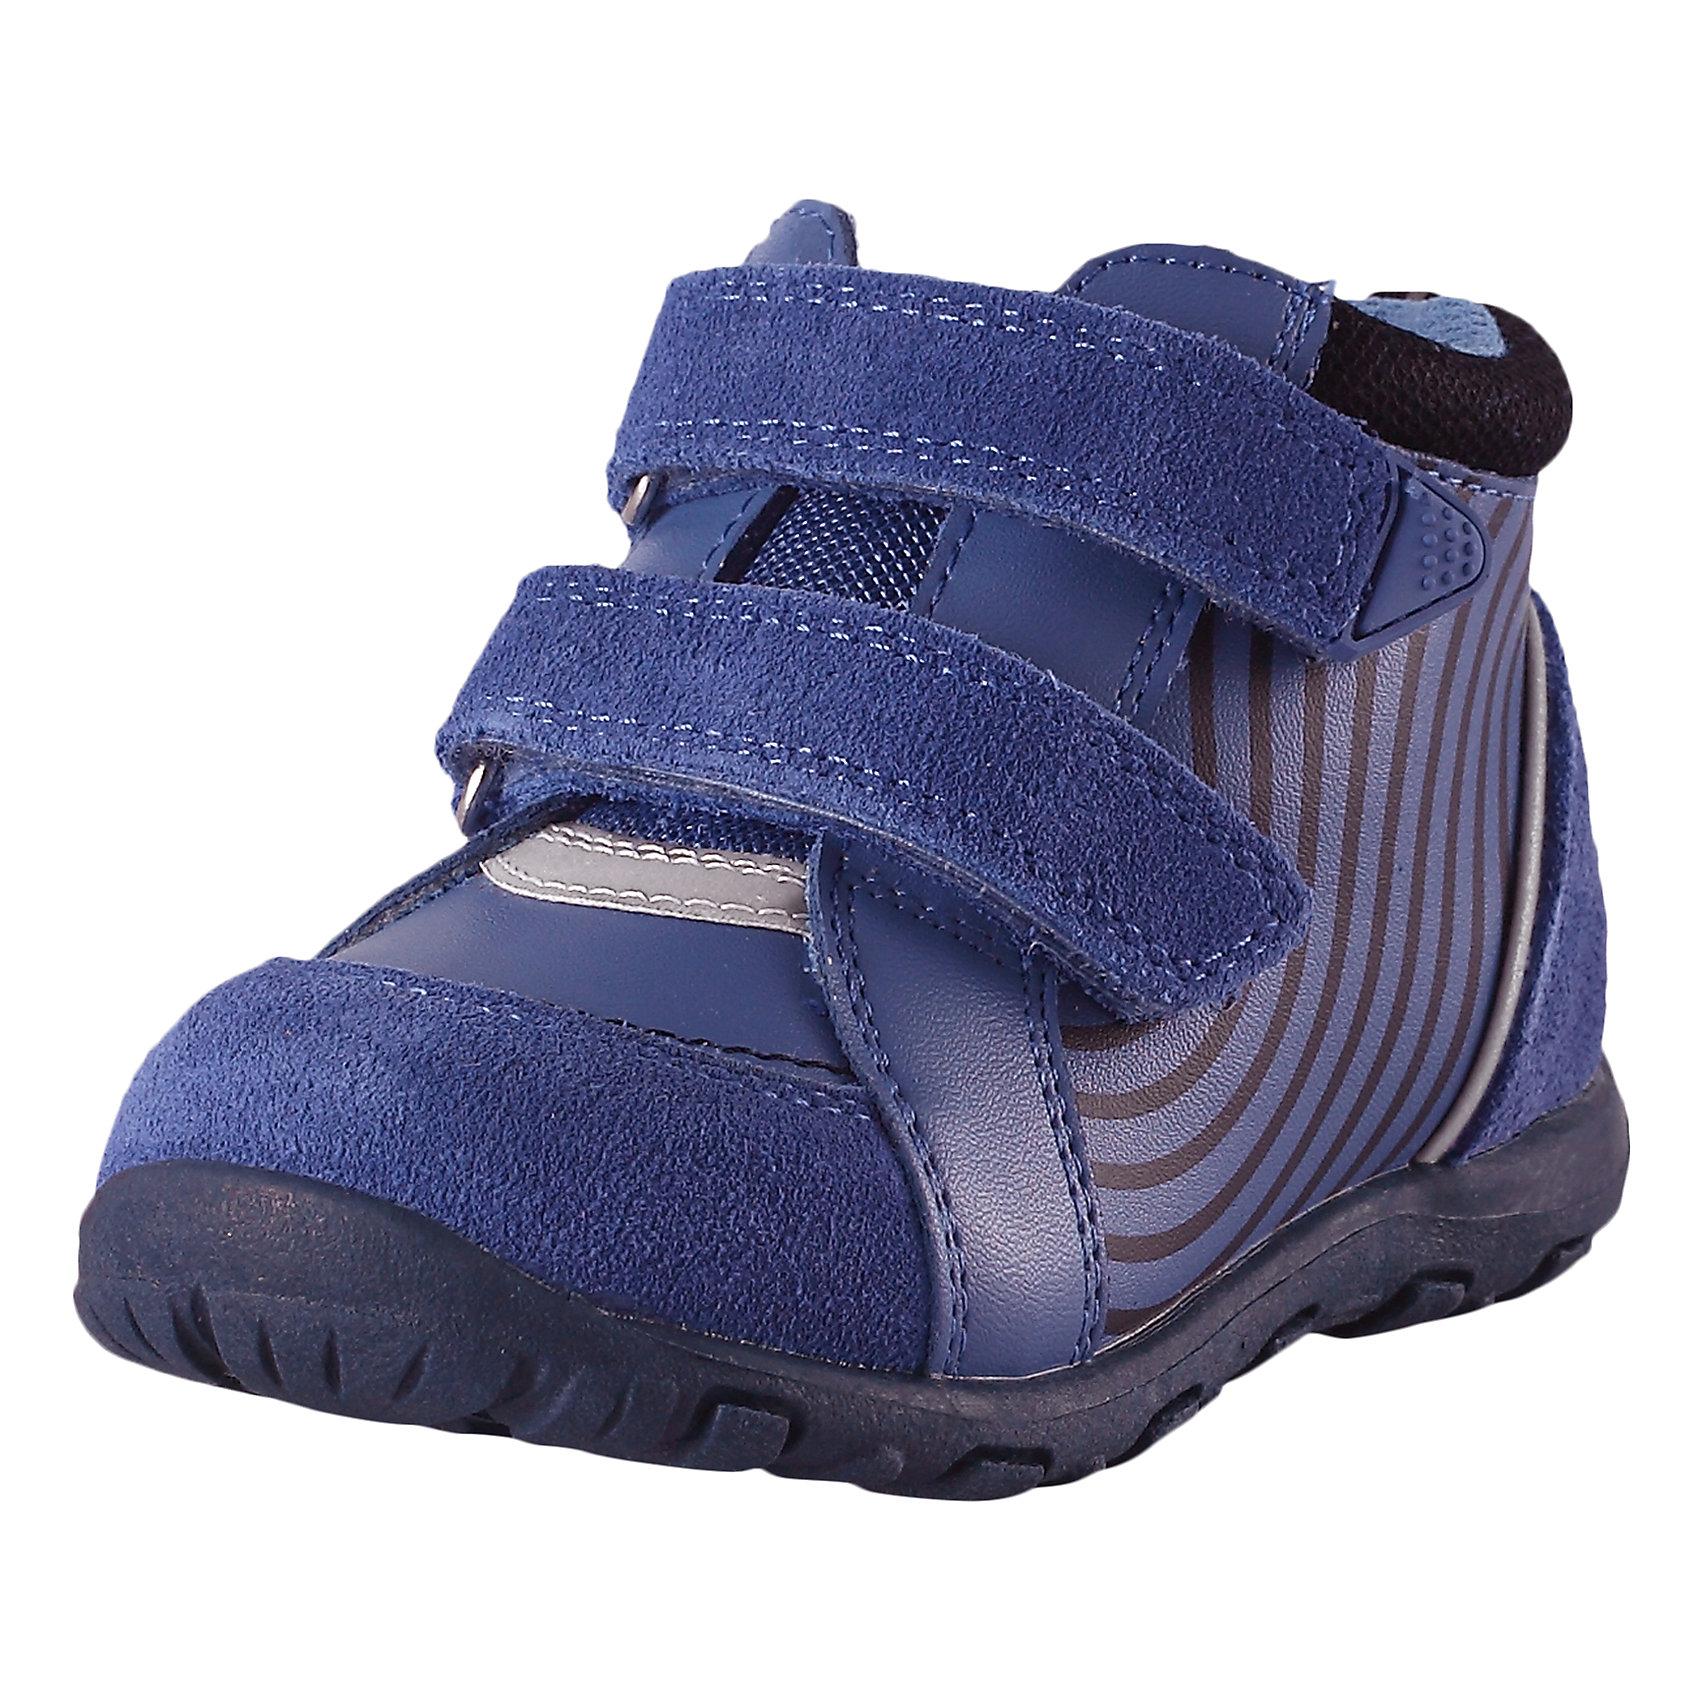 Полуботинки Lotte для мальчика ReimaОбувь<br>Характеристики товара:<br><br>• цвет: синий<br>• состав: верх - 60% полиуретан, 30% кожа, 10% полиэстер, подошва - 100% термопластичная резина<br>• застежка: липучка<br>• устойчивая подошва<br>• декорированы принтом<br>• усиленная пятка и носок<br>• светоотражающие детали<br>• страна производства: Китай<br>• страна бренда: Финляндия<br>• коллекция: весна-лето 2017<br><br>Детская обувь может быть модной и комфортной одновременно! Удобные стильные полуботинки помогут обеспечить ребенку комфорт и дополнить наряд. Они отлично смотрятся с различной одеждой. Полуботинки удобно сидят на ноге и аккуратно смотрятся. Легко чистятся и долго служат. Продуманная конструкция разрабатывалась специально для детей.<br><br>Одежда и обувь от финского бренда Reima пользуется популярностью во многих странах. Эти изделия стильные, качественные и удобные. Для производства продукции используются только безопасные, проверенные материалы и фурнитура. Порадуйте ребенка модными и красивыми вещами от Reima! <br><br>Полуботинки от финского бренда Reima (Рейма) можно купить в нашем интернет-магазине.<br><br>Ширина мм: 262<br>Глубина мм: 176<br>Высота мм: 97<br>Вес г: 427<br>Цвет: синий<br>Возраст от месяцев: 36<br>Возраст до месяцев: 48<br>Пол: Мужской<br>Возраст: Детский<br>Размер: 27,22,20,21,23,24,25,26<br>SKU: 5266747